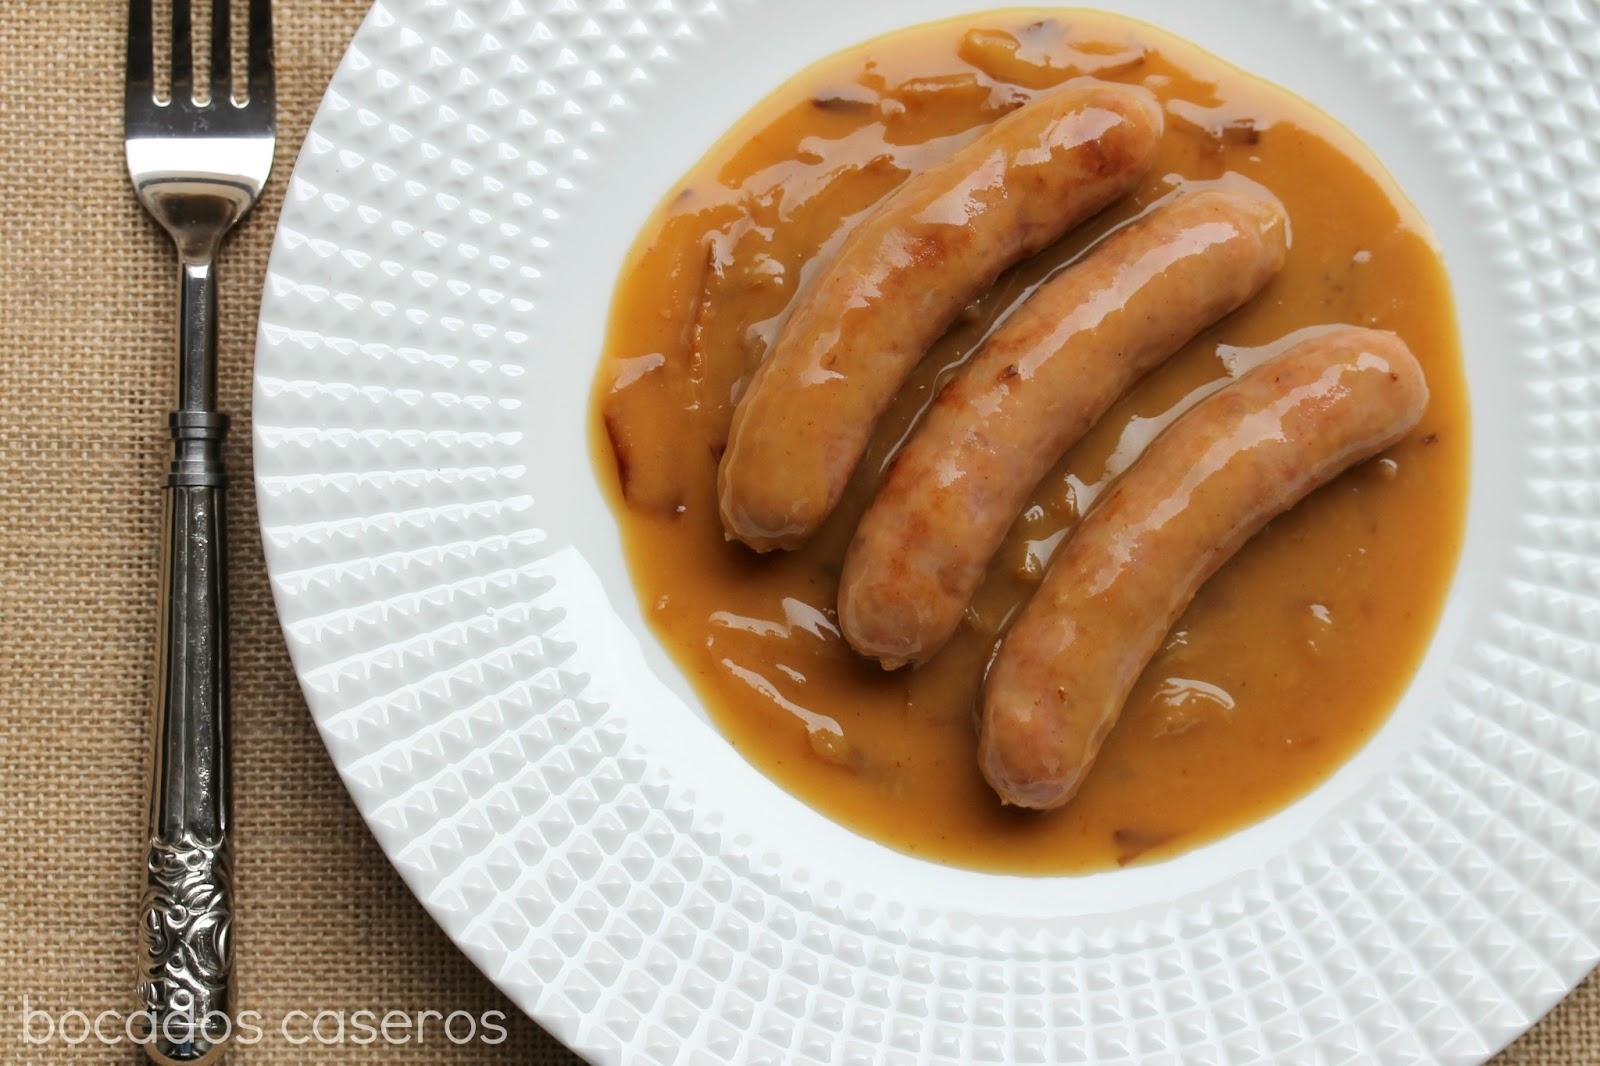 Bocados caseros salchichas en salsa al vino - Salchichas frescas en salsa ...